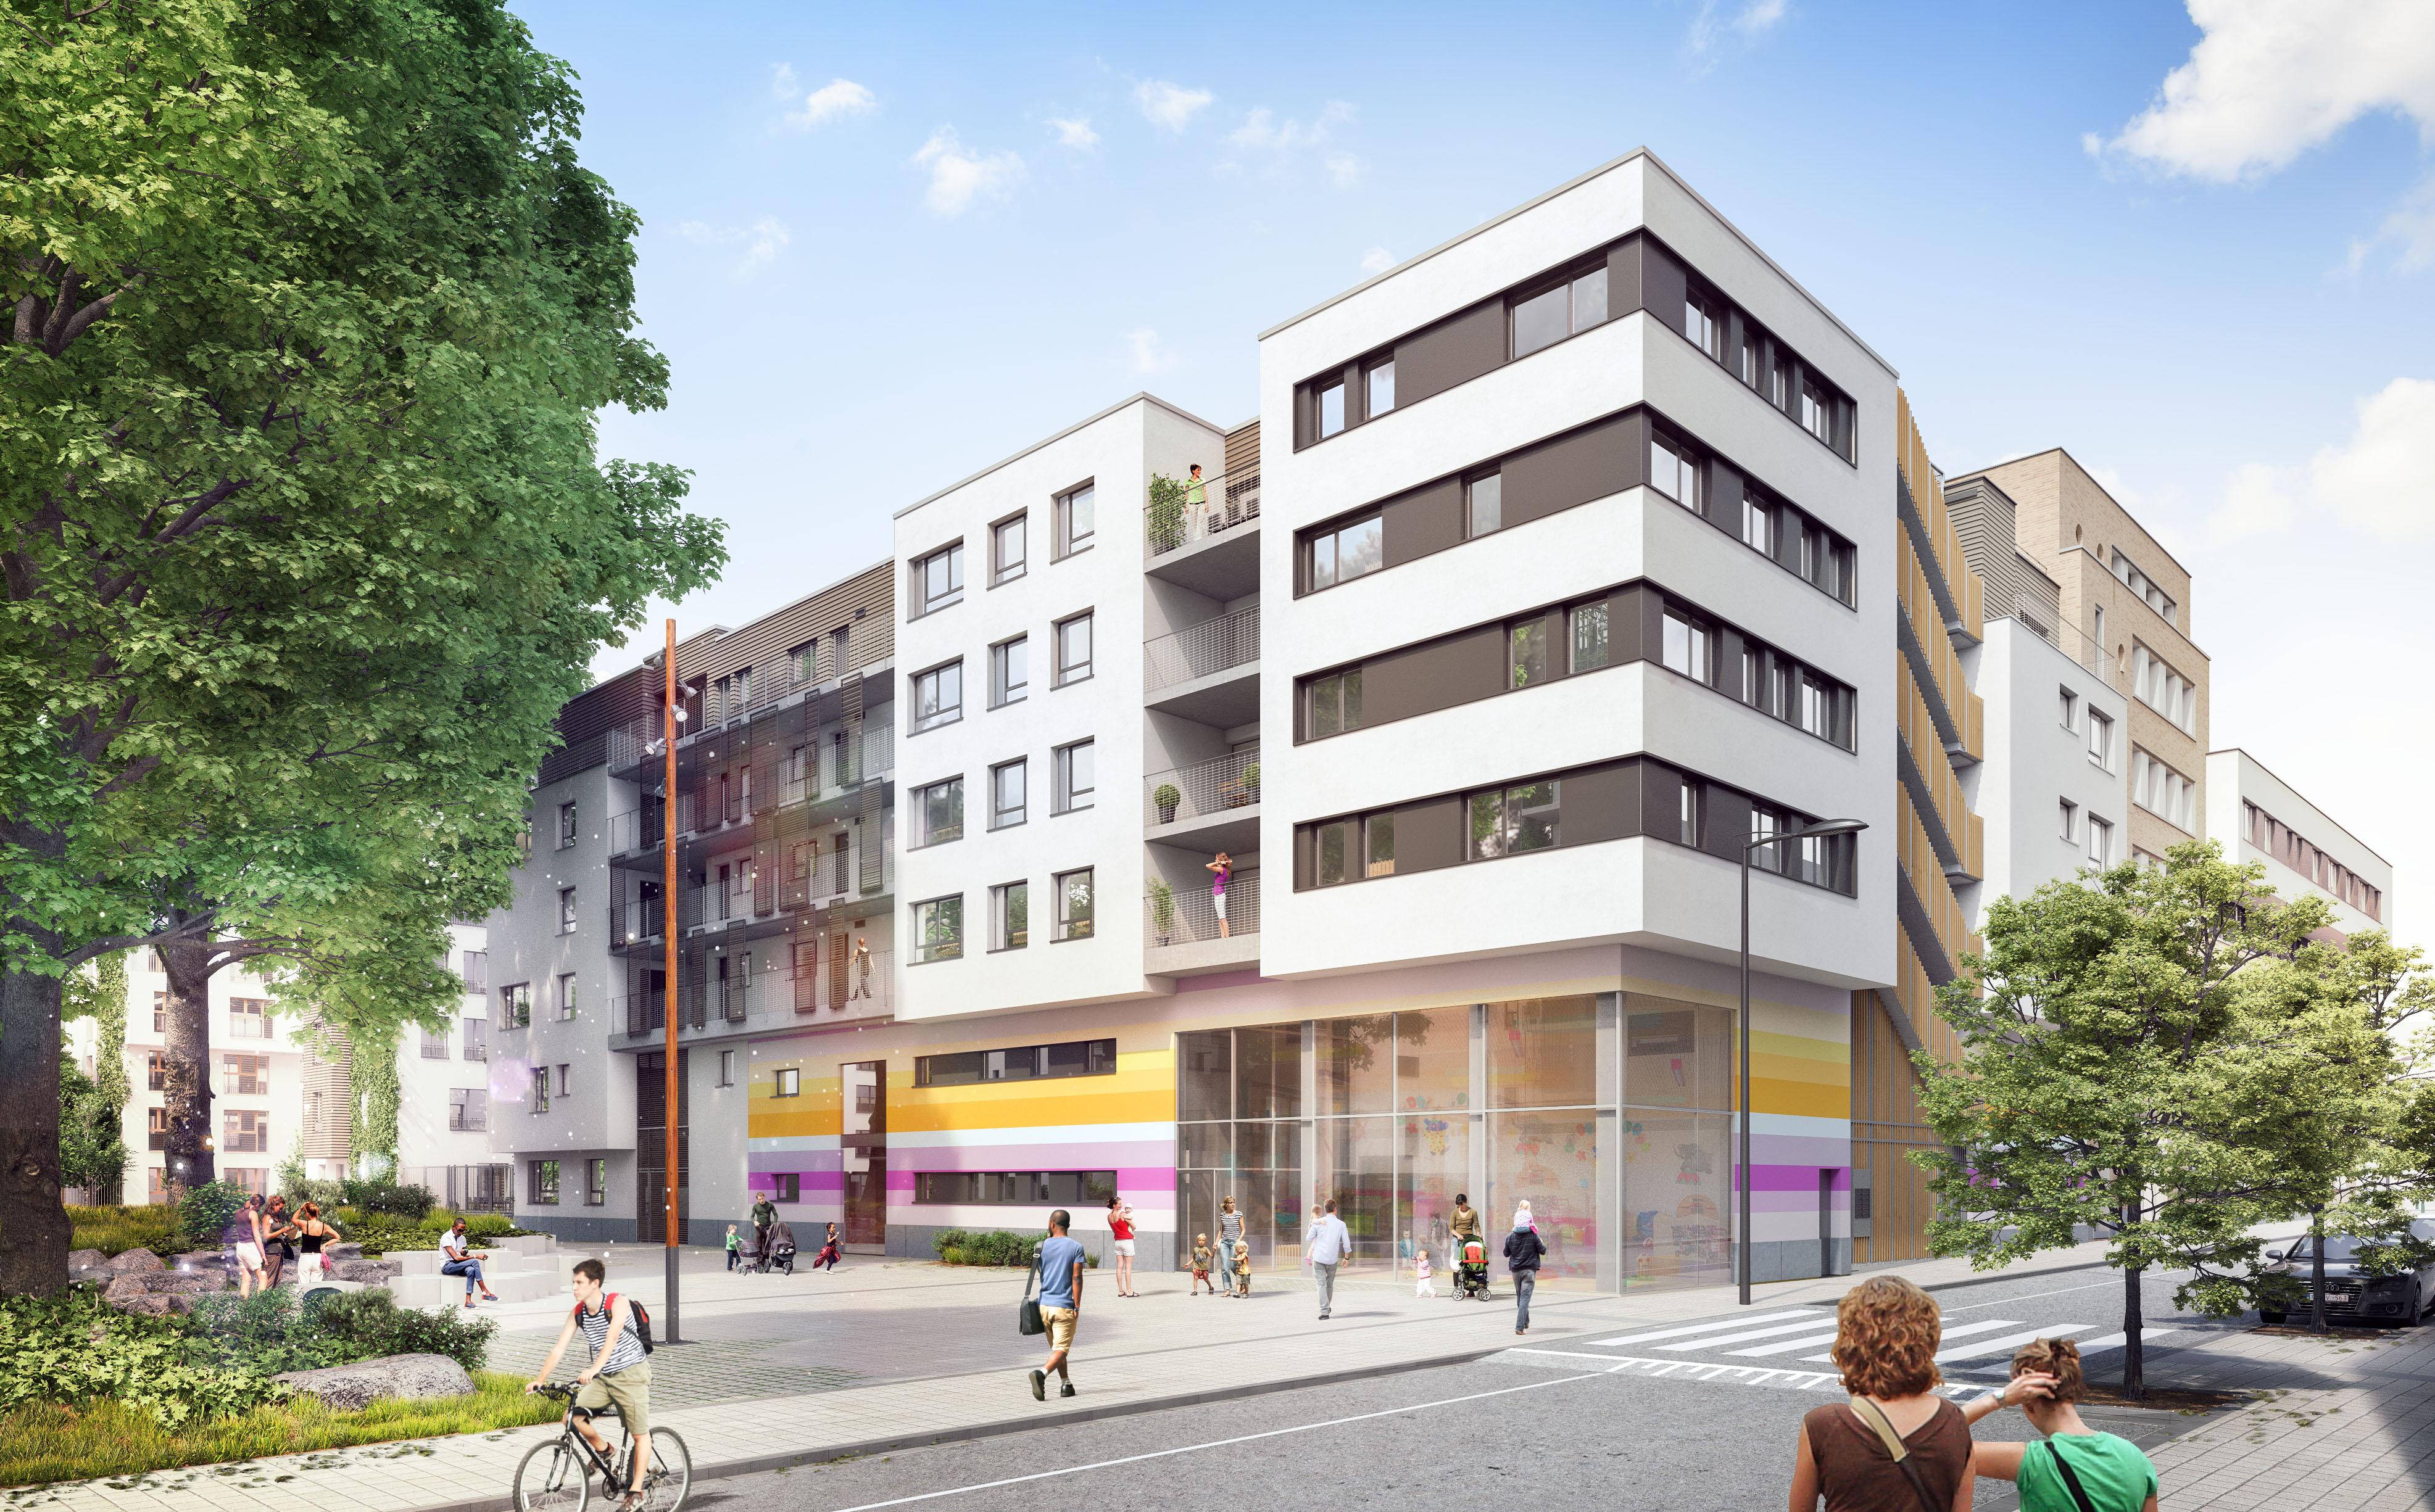 Molenbeek Quartier Tivoli Vue 1 160926